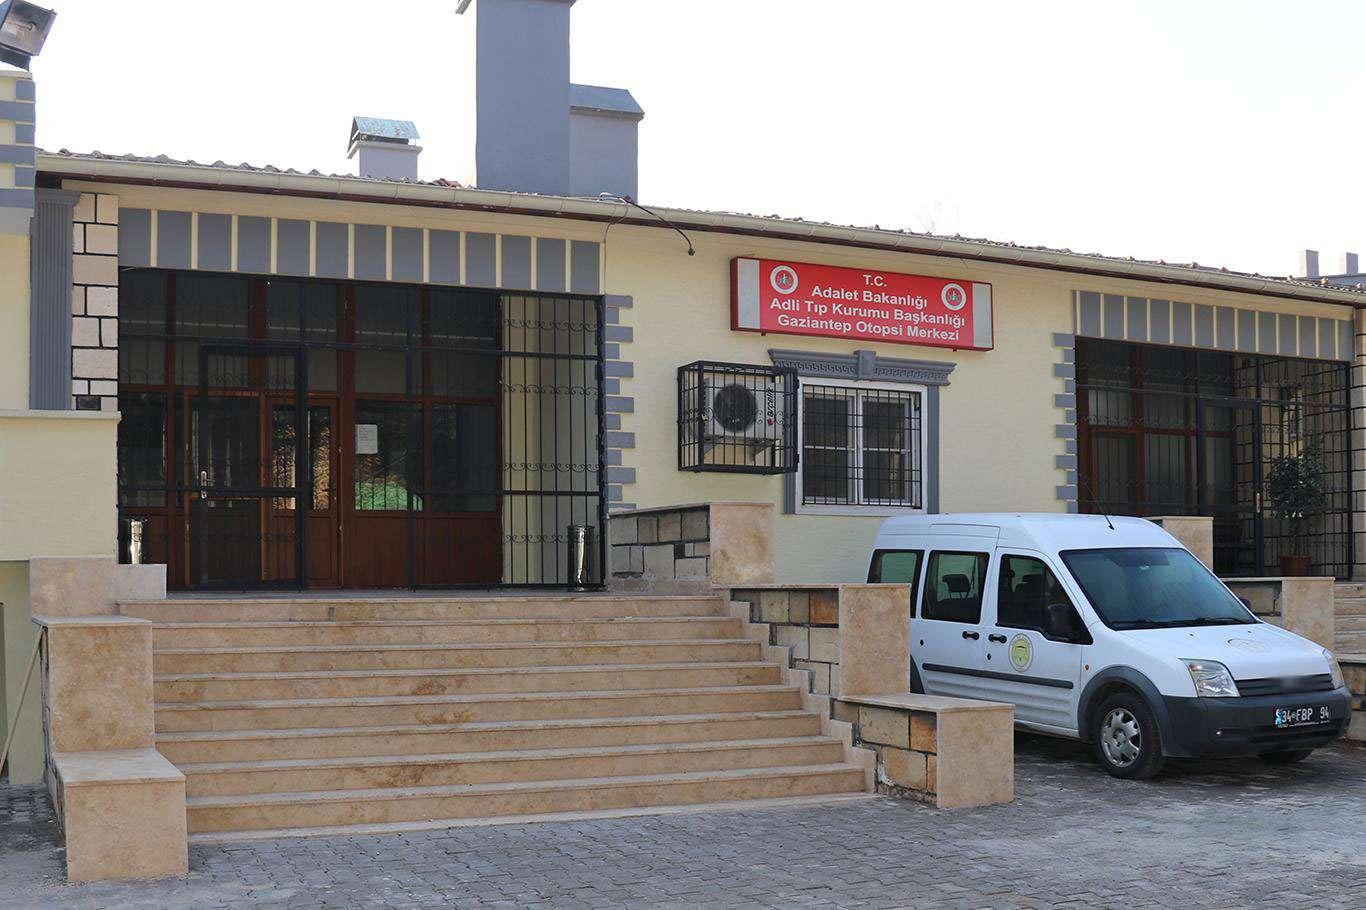 Gaziantep'te Dehşet! Genç Kız Babası Tarafından Öldürüldü